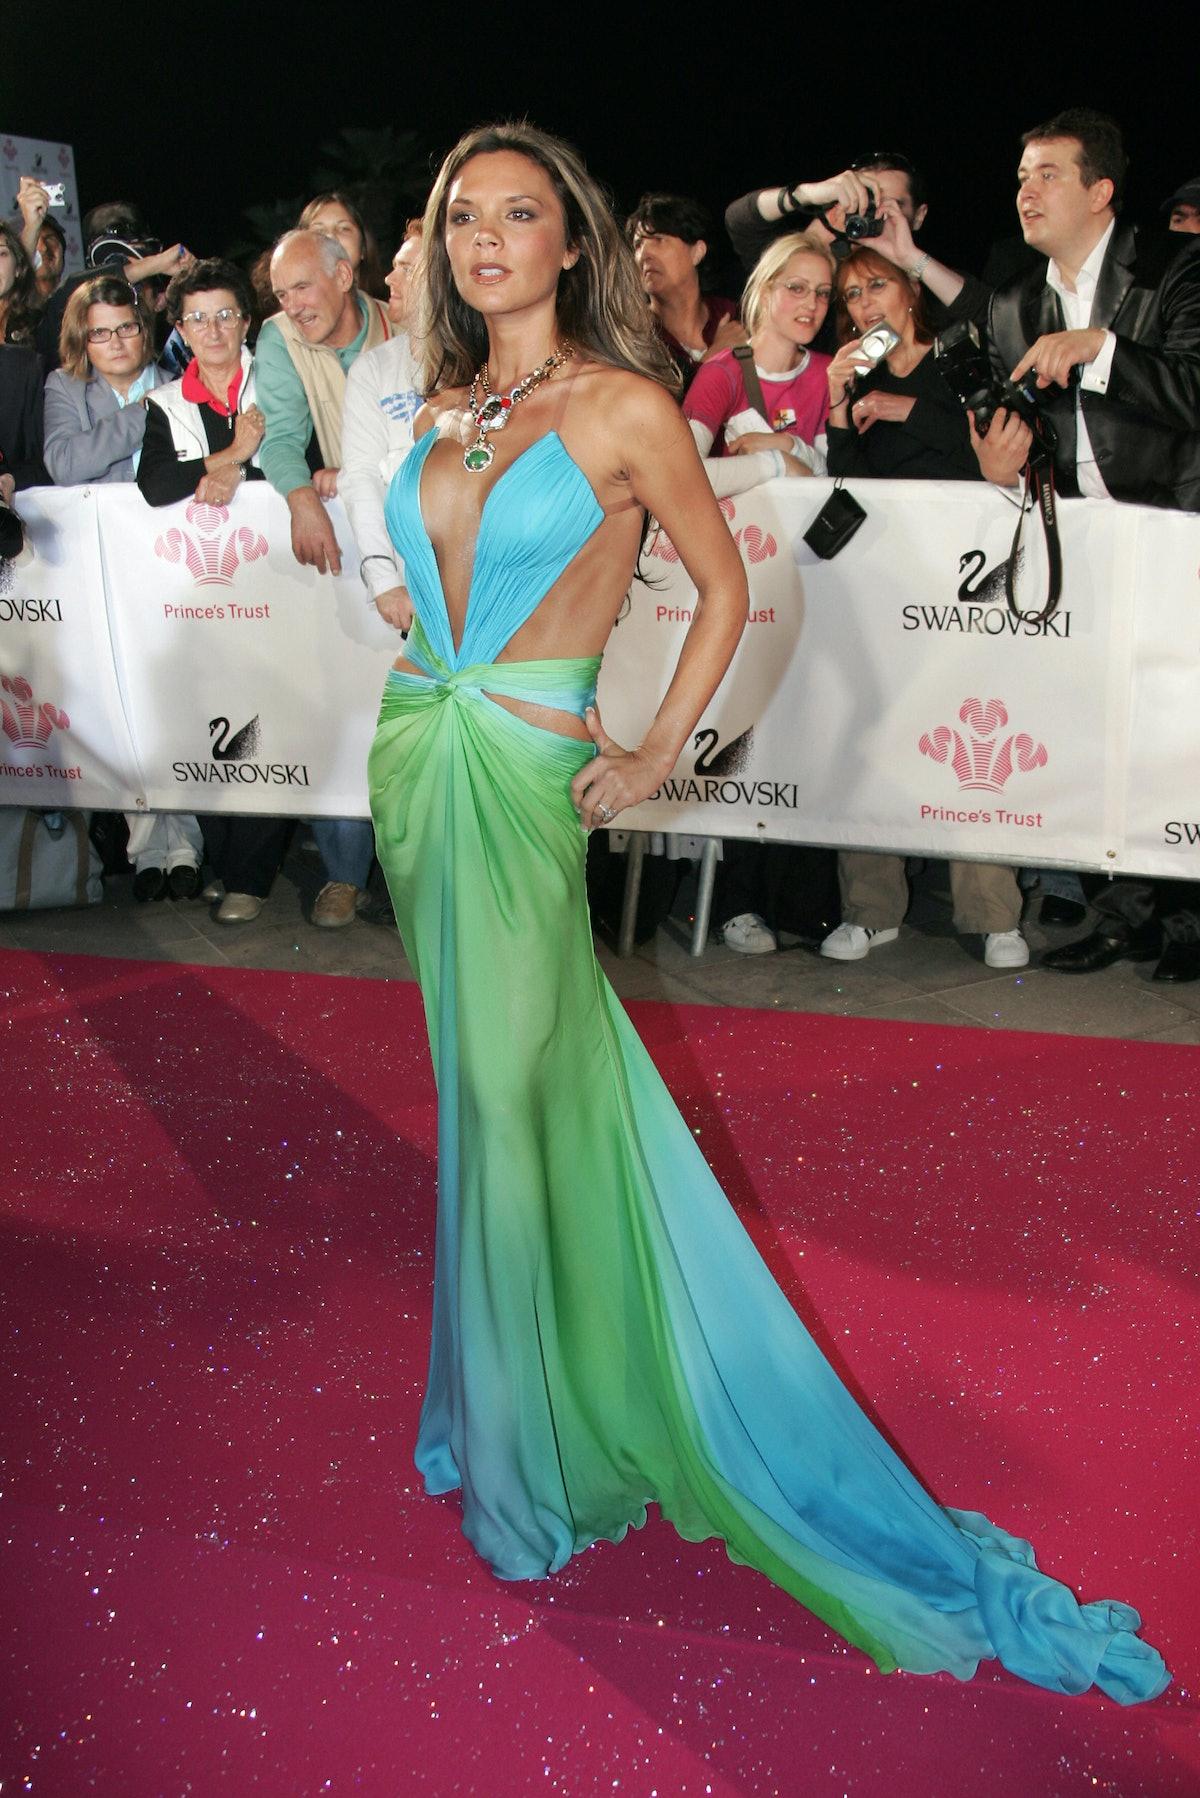 Former Spice Girl British singer Victoria Beckham